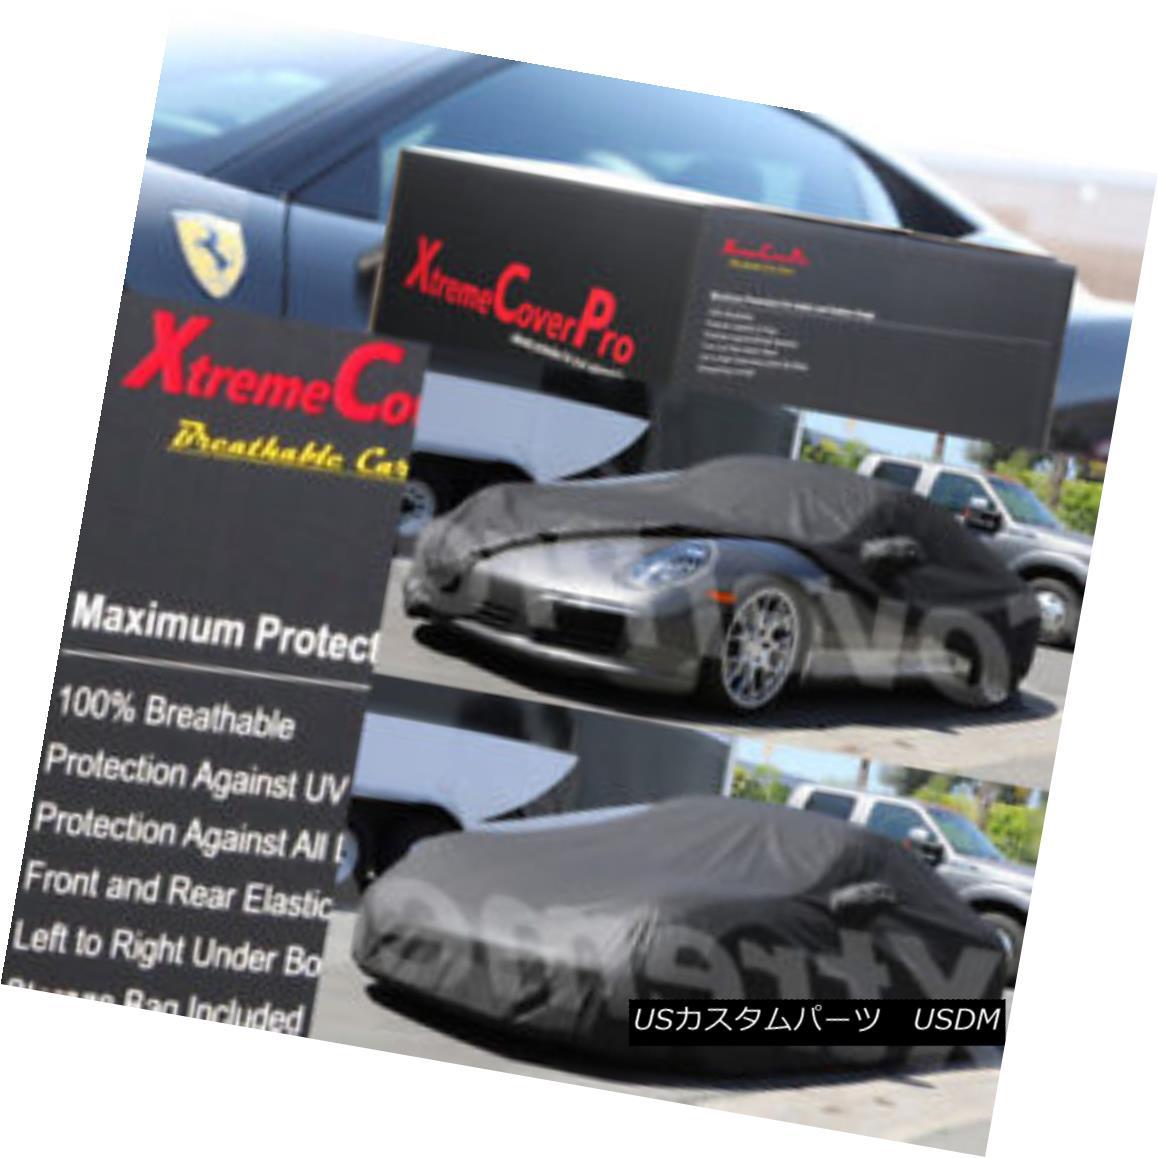 カーカバー CUSTOM FIT CAR COVER 2016 2017 2018 Porsche 911 Carrera 4 4S カスタムフィットカーカバー2016 2017 2018ポルシェ911カレラ4 4S